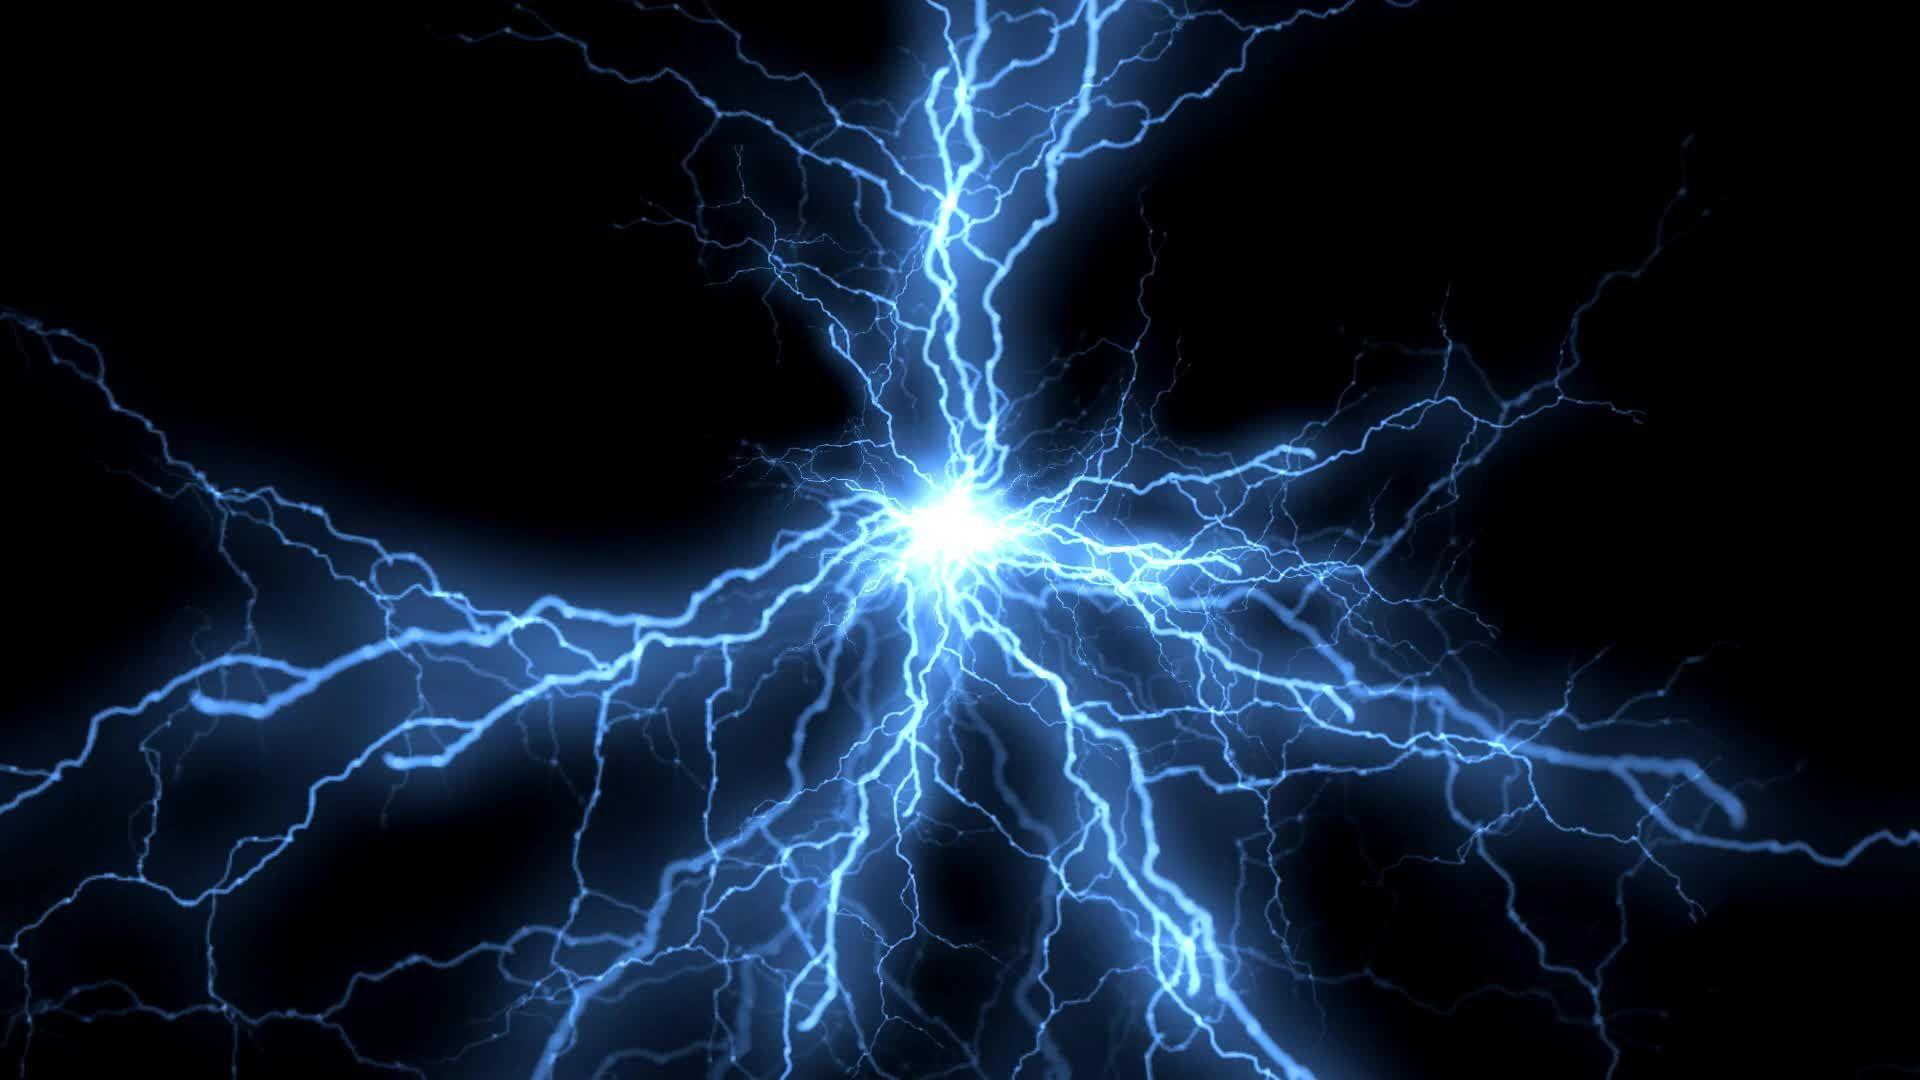 Lightning Bolt Wallpaper Image